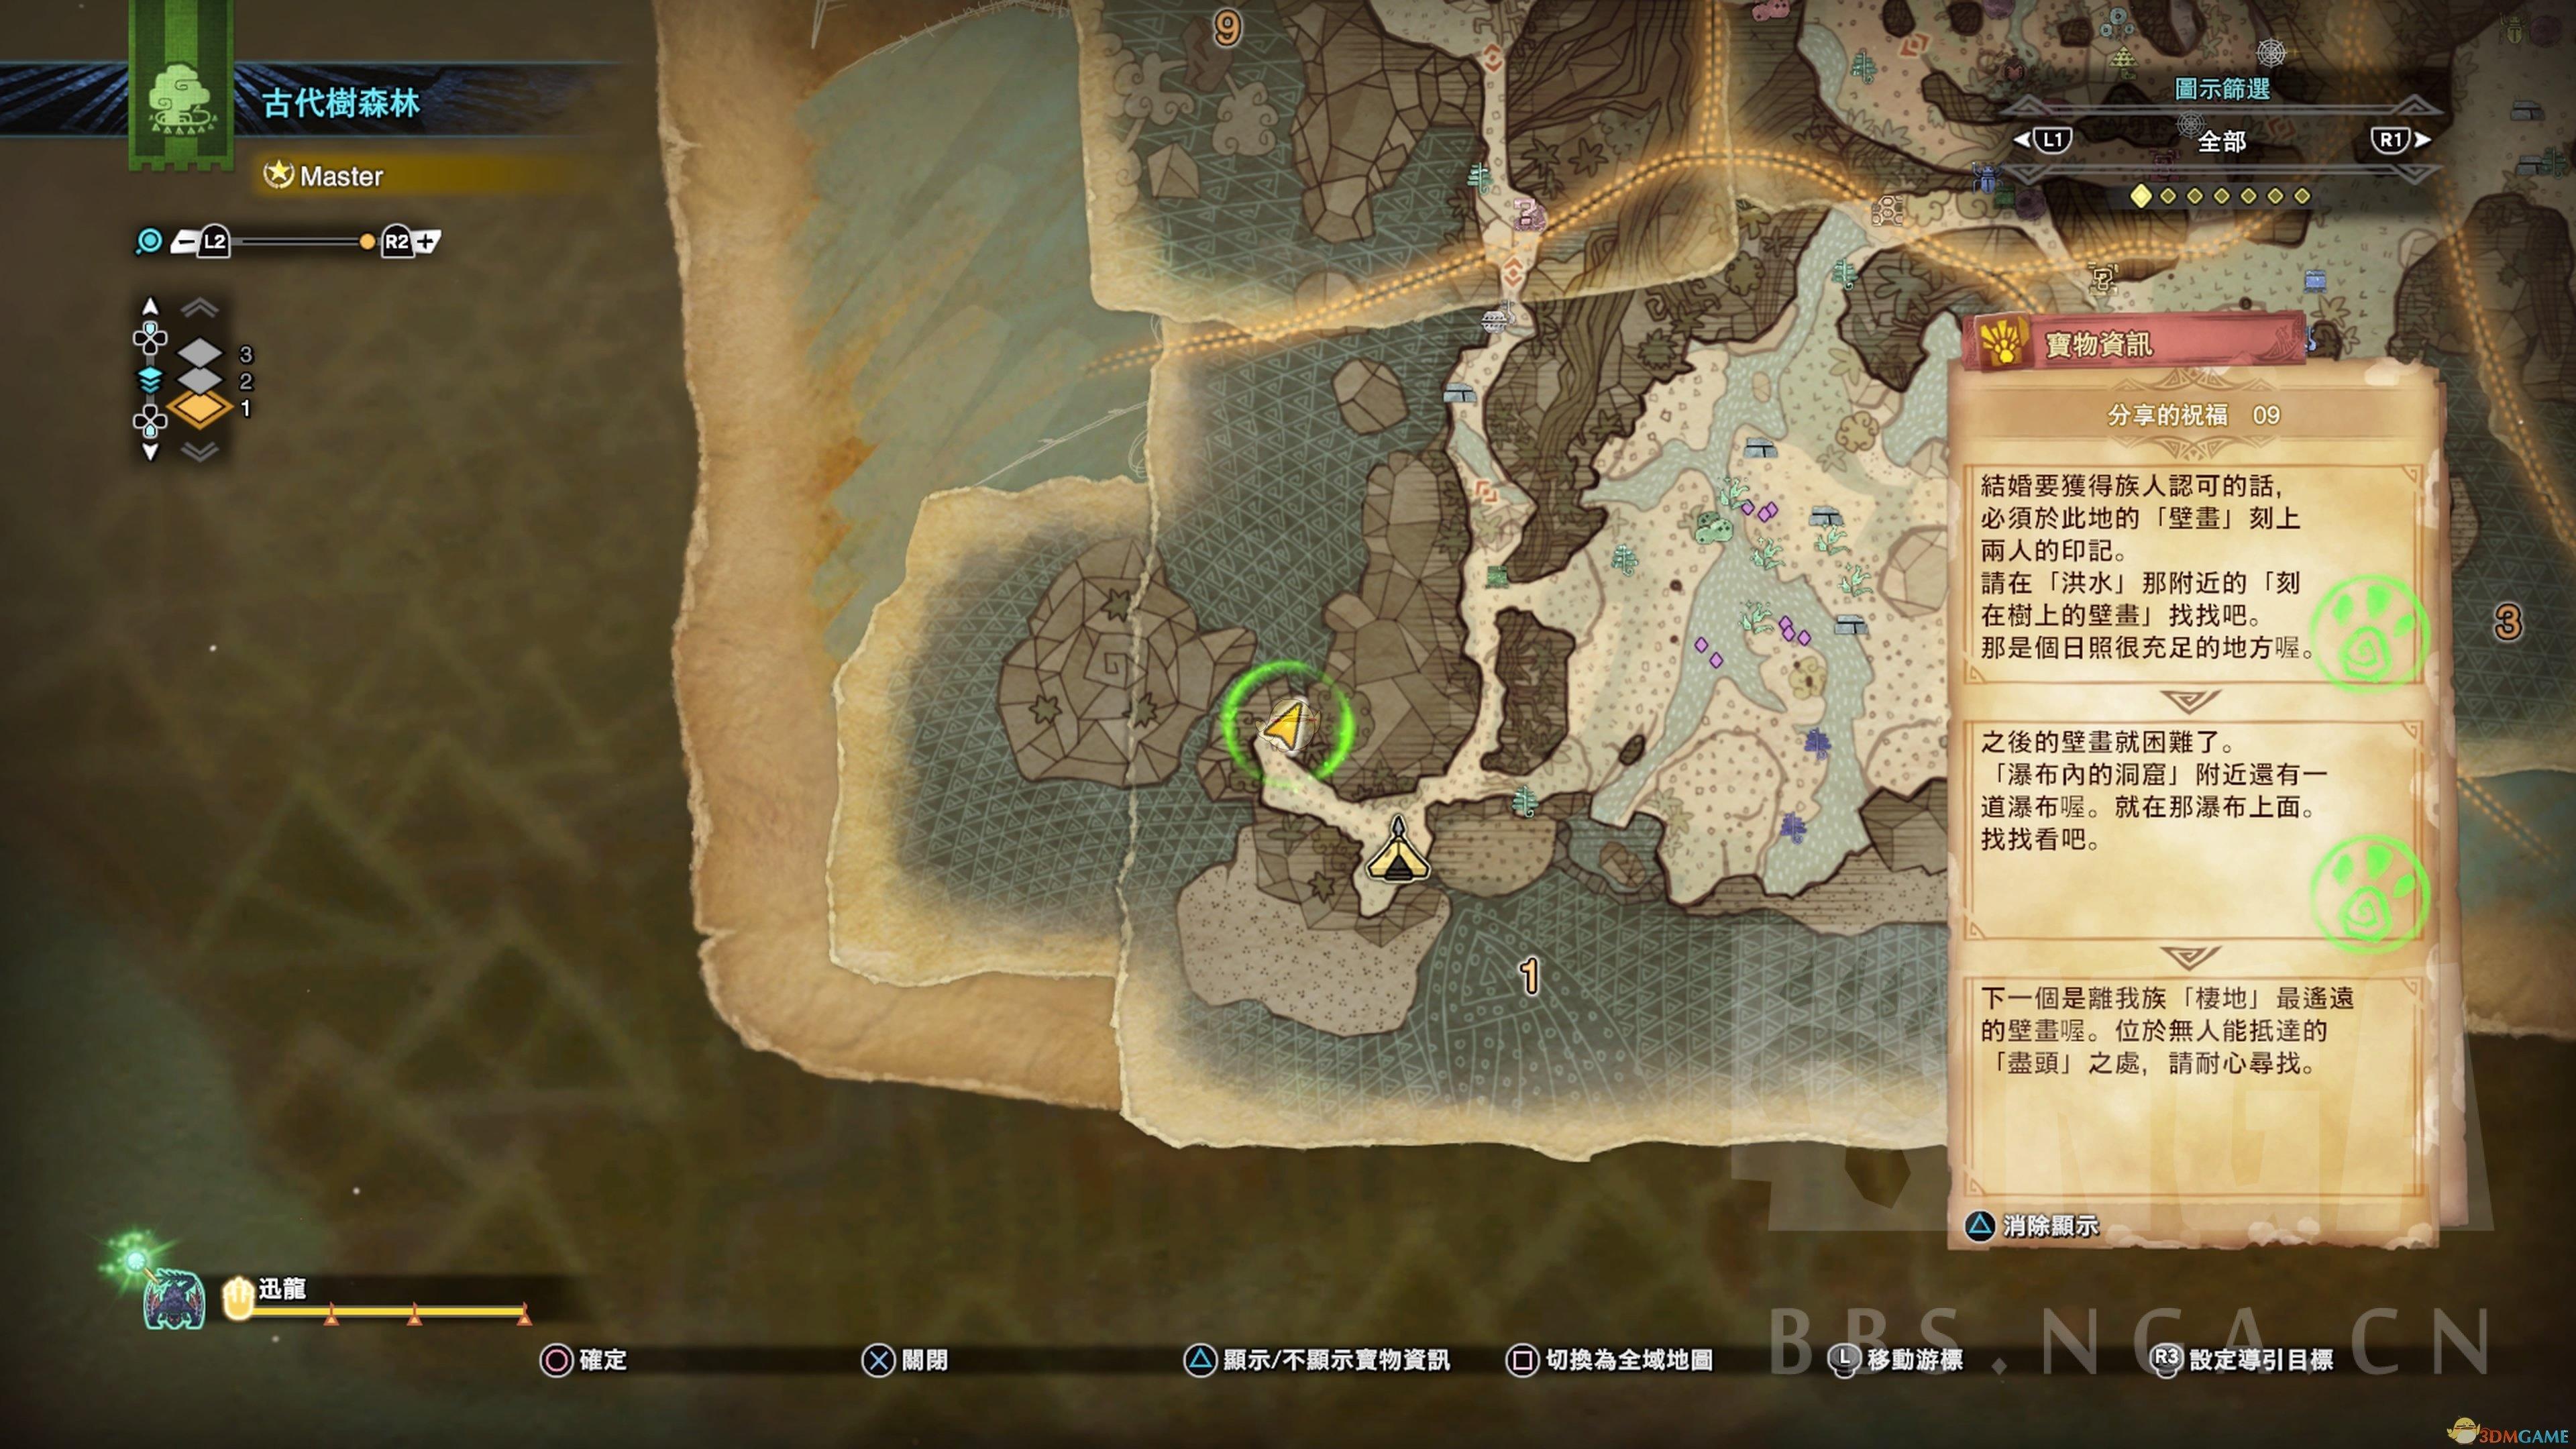 《怪物猎人:世界》宝藏分享的祝福09位置攻略